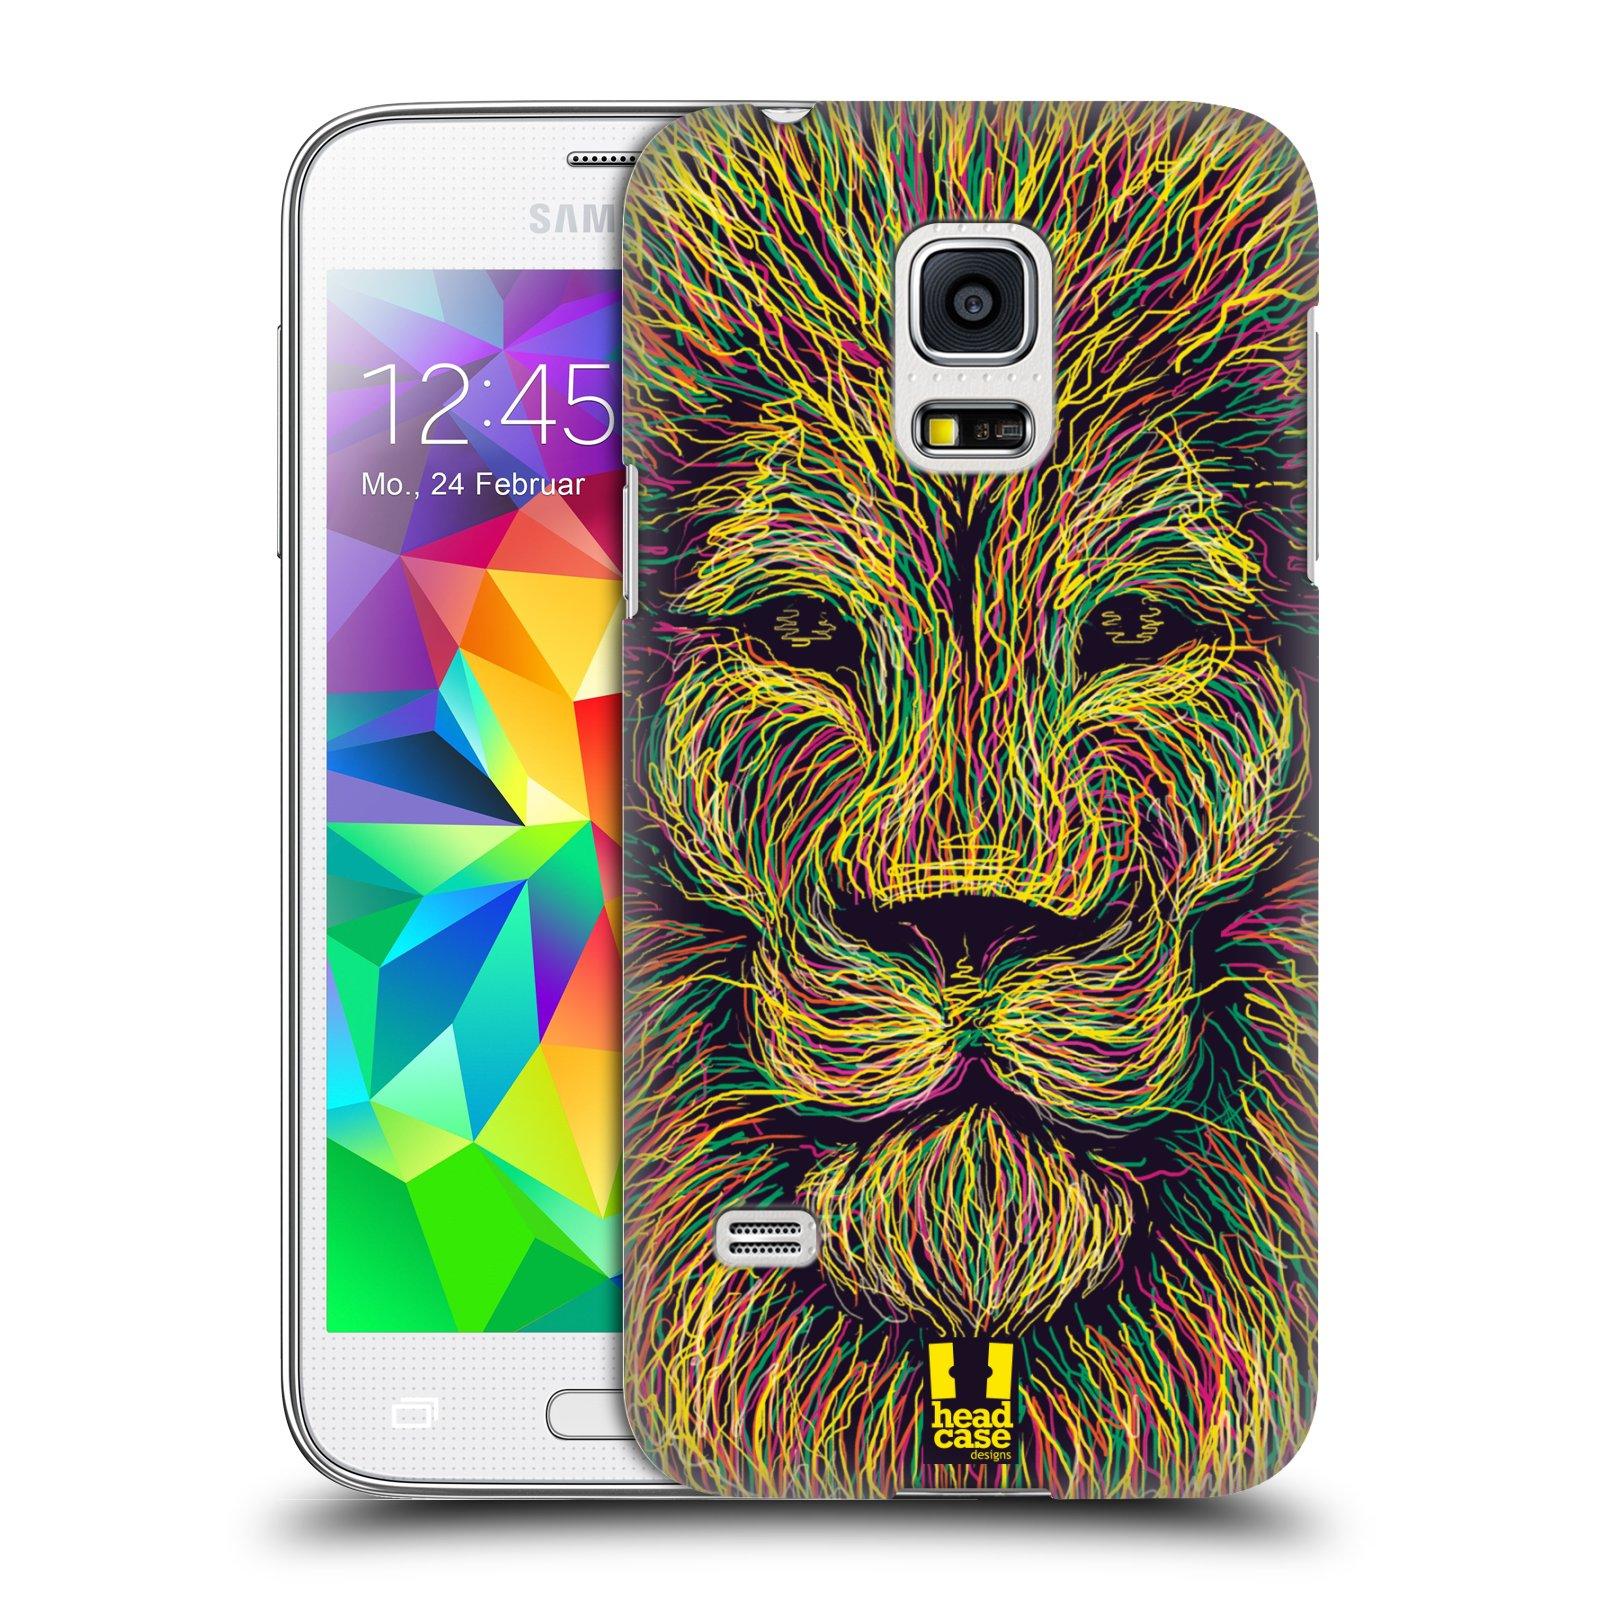 HEAD CASE plastový obal na mobil SAMSUNG Galaxy S5 MINI / S5 MINI DUOS vzor zvíře čmáranice lev